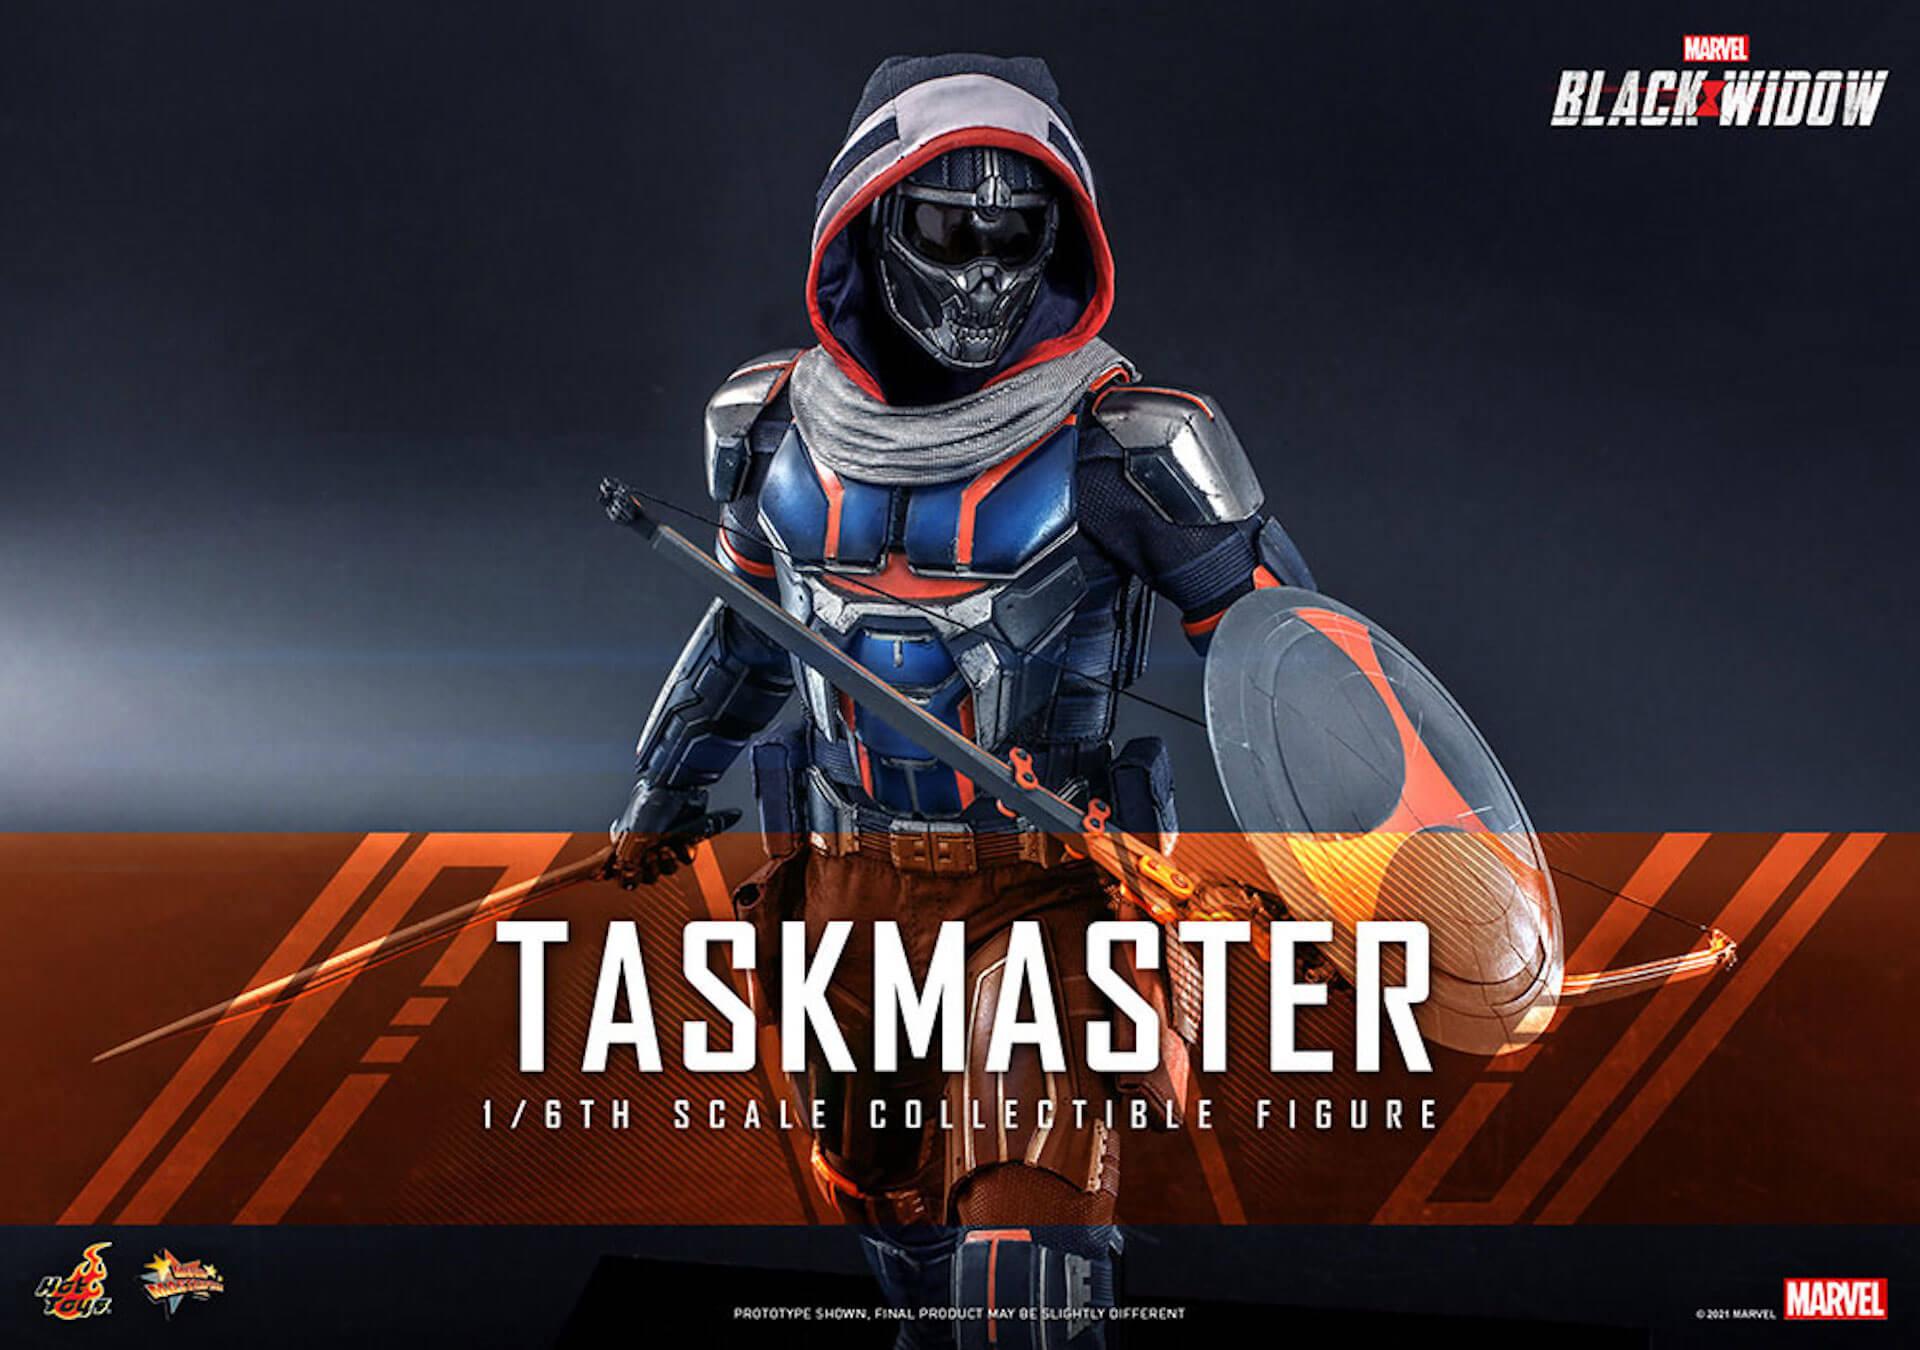 マーベル・スタジオ『ブラック・ウィドウ』のブラック・ウィドウ&タスクマスターがホットトイズの1/6スケールフィギュアになって登場! art210618_hottoys_blackwidow_8